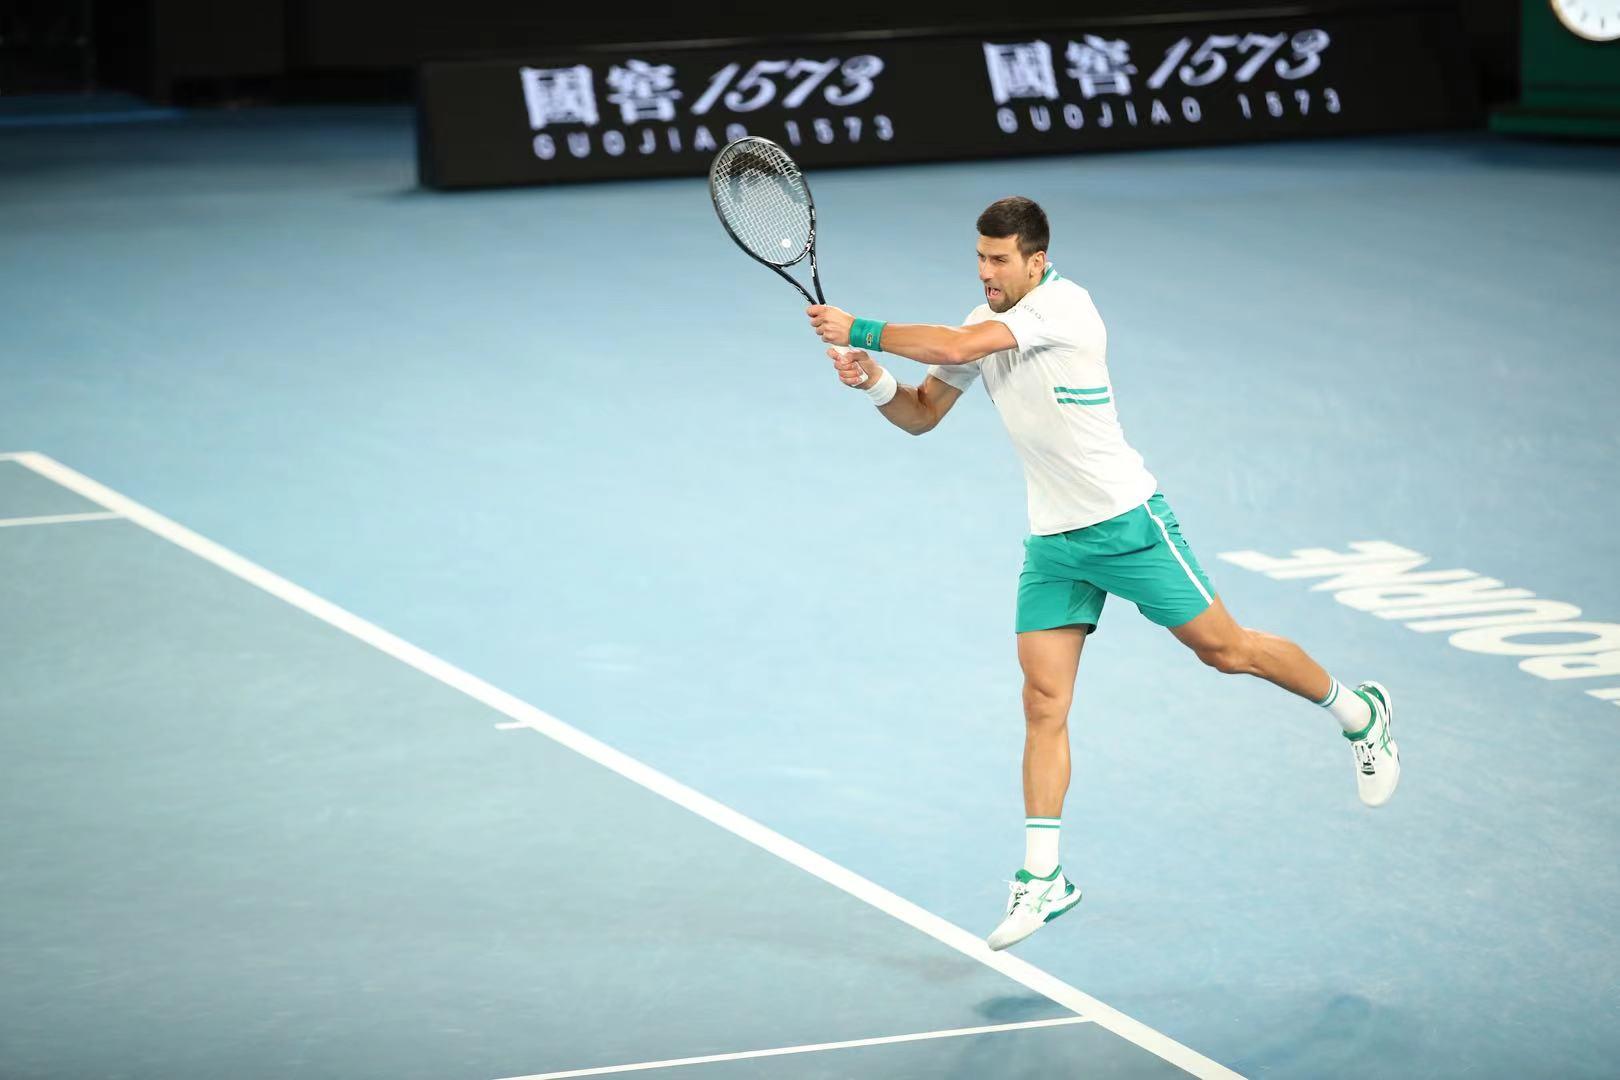 德约12次对阵拉奥尼奇全胜,蒂姆爆冷0-3落败澳网出局